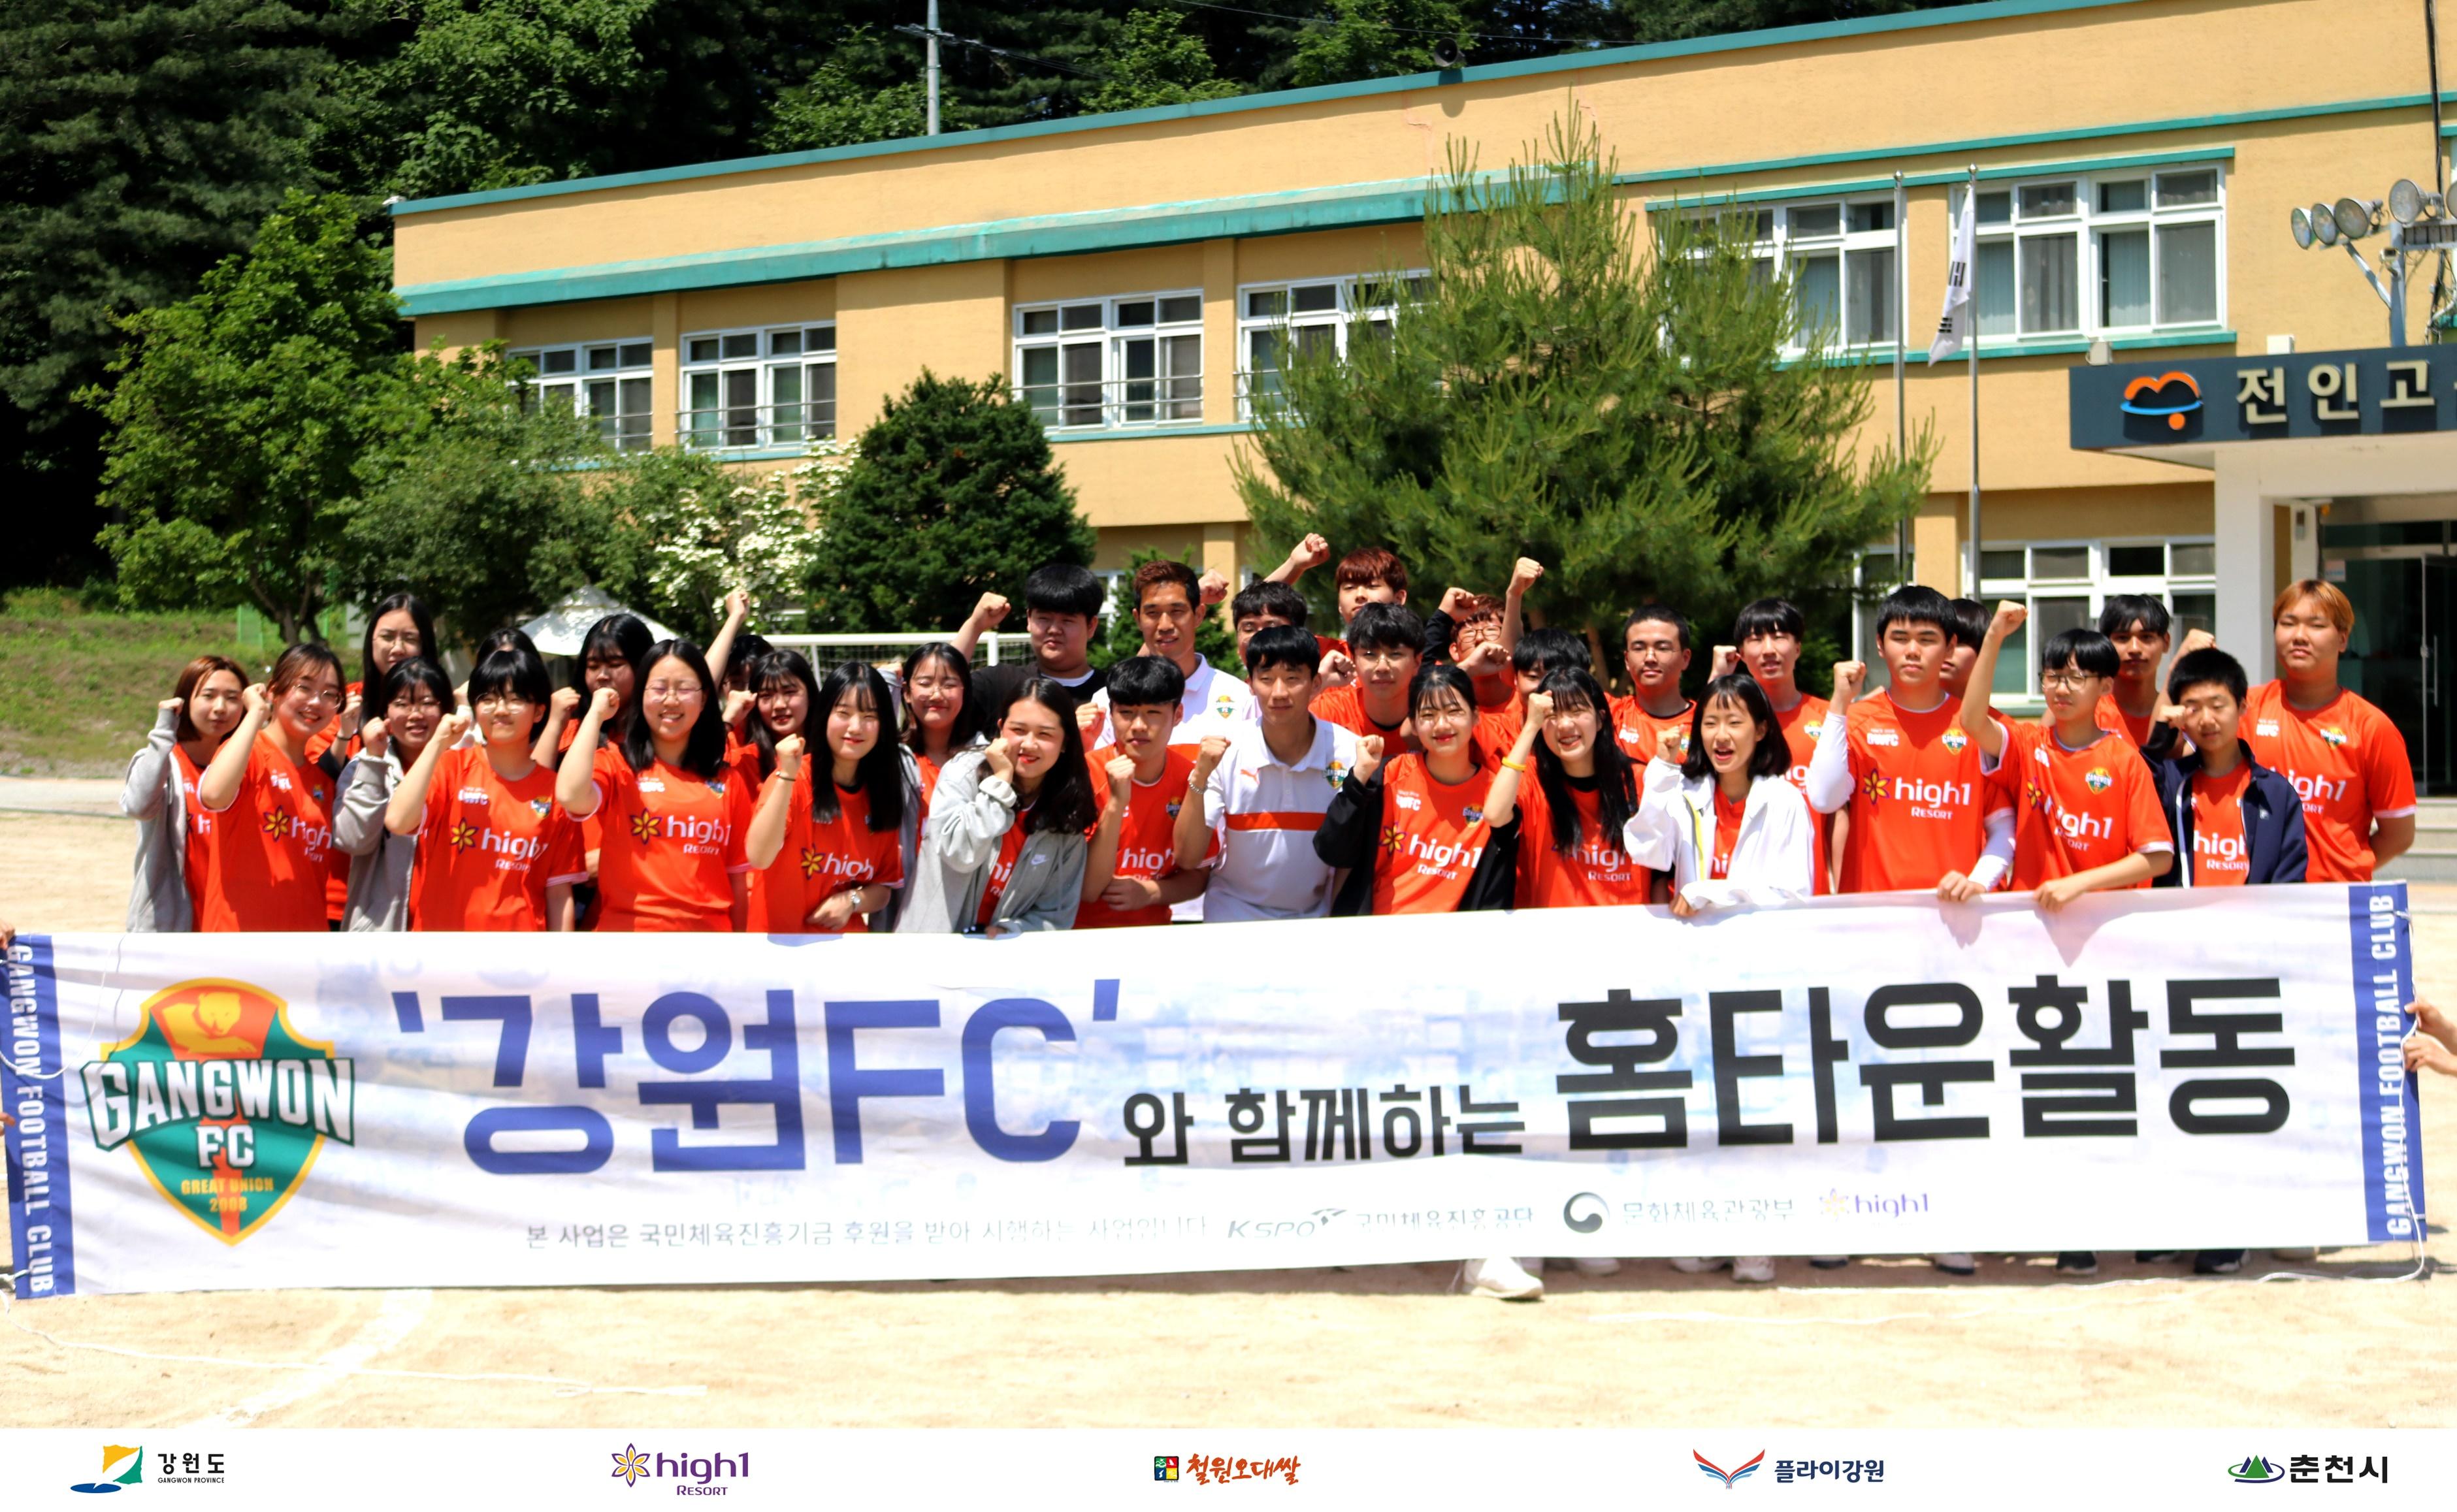 강원FC, 찾아가는 '친도민 활동' 전개